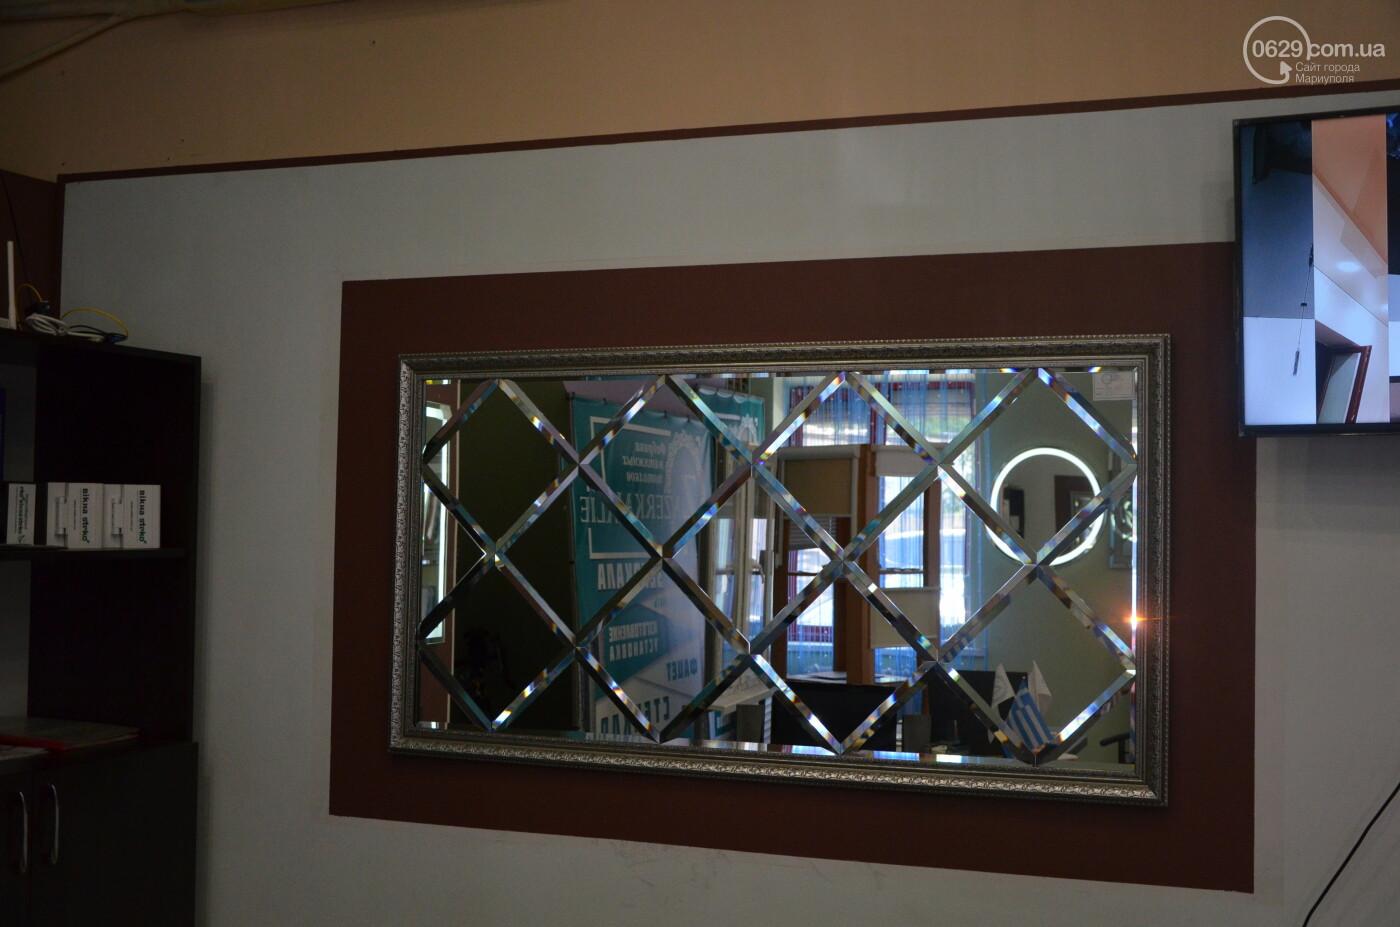 LED зеркала с логотипом заказчика от компании  «Zazerkalie»  – современные и стильные элементы интерьера, фото-4